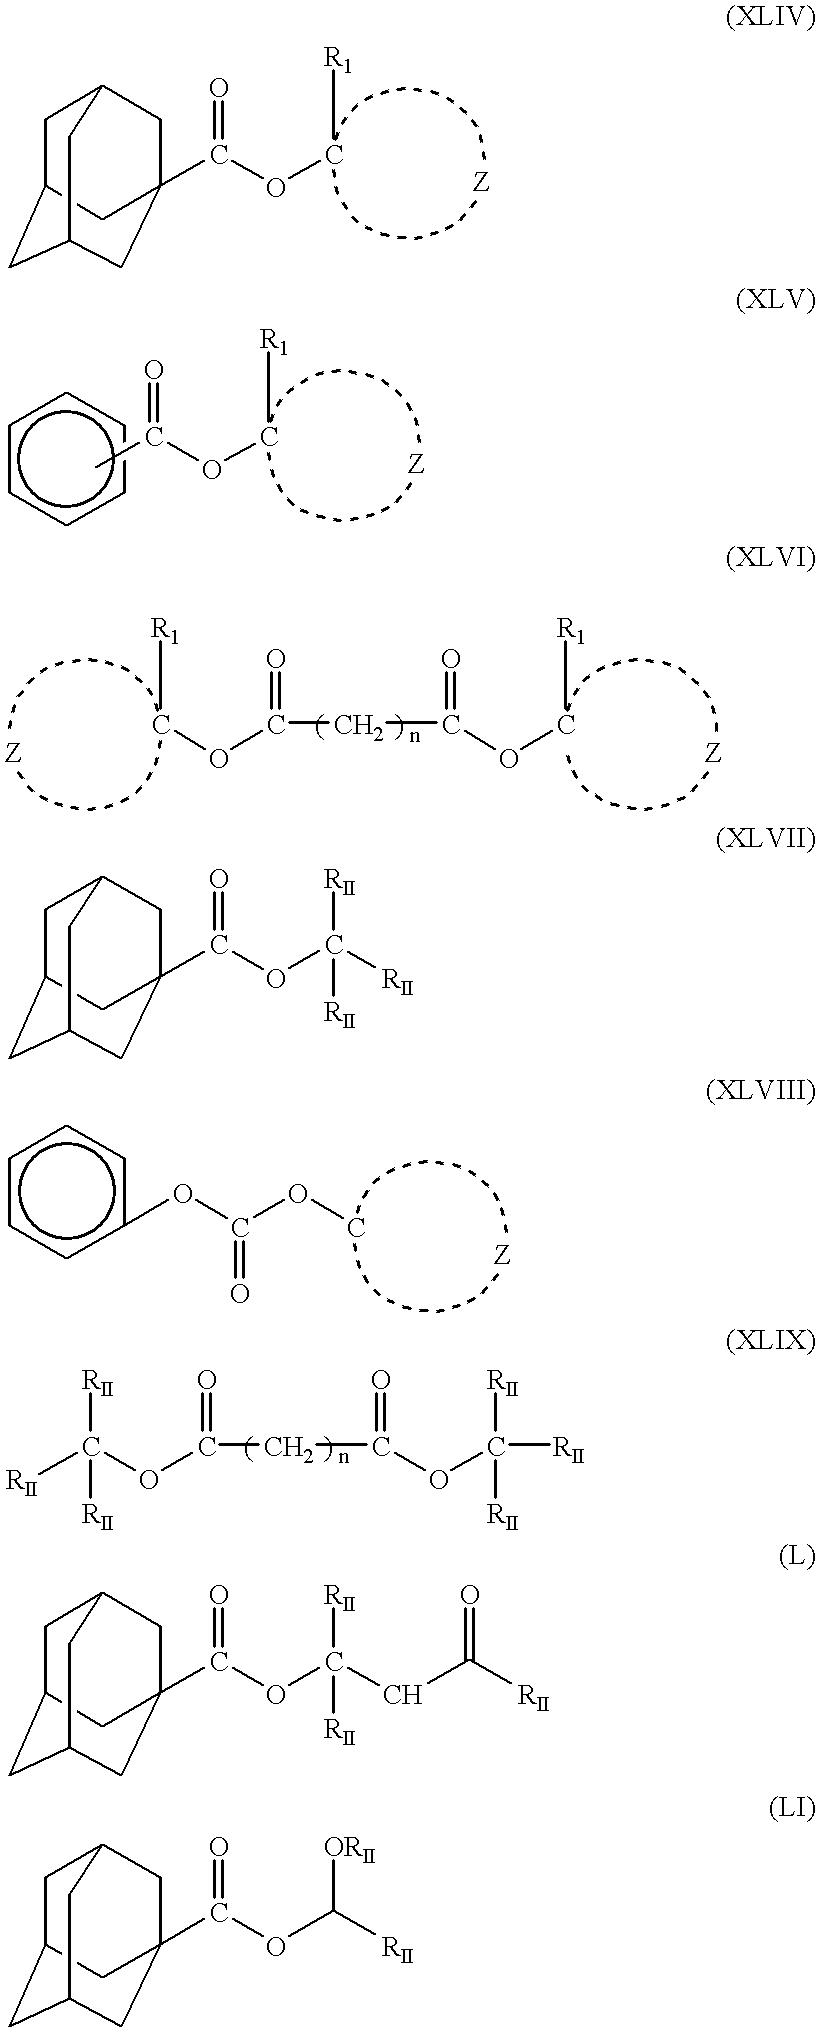 Figure US06329125-20011211-C00040